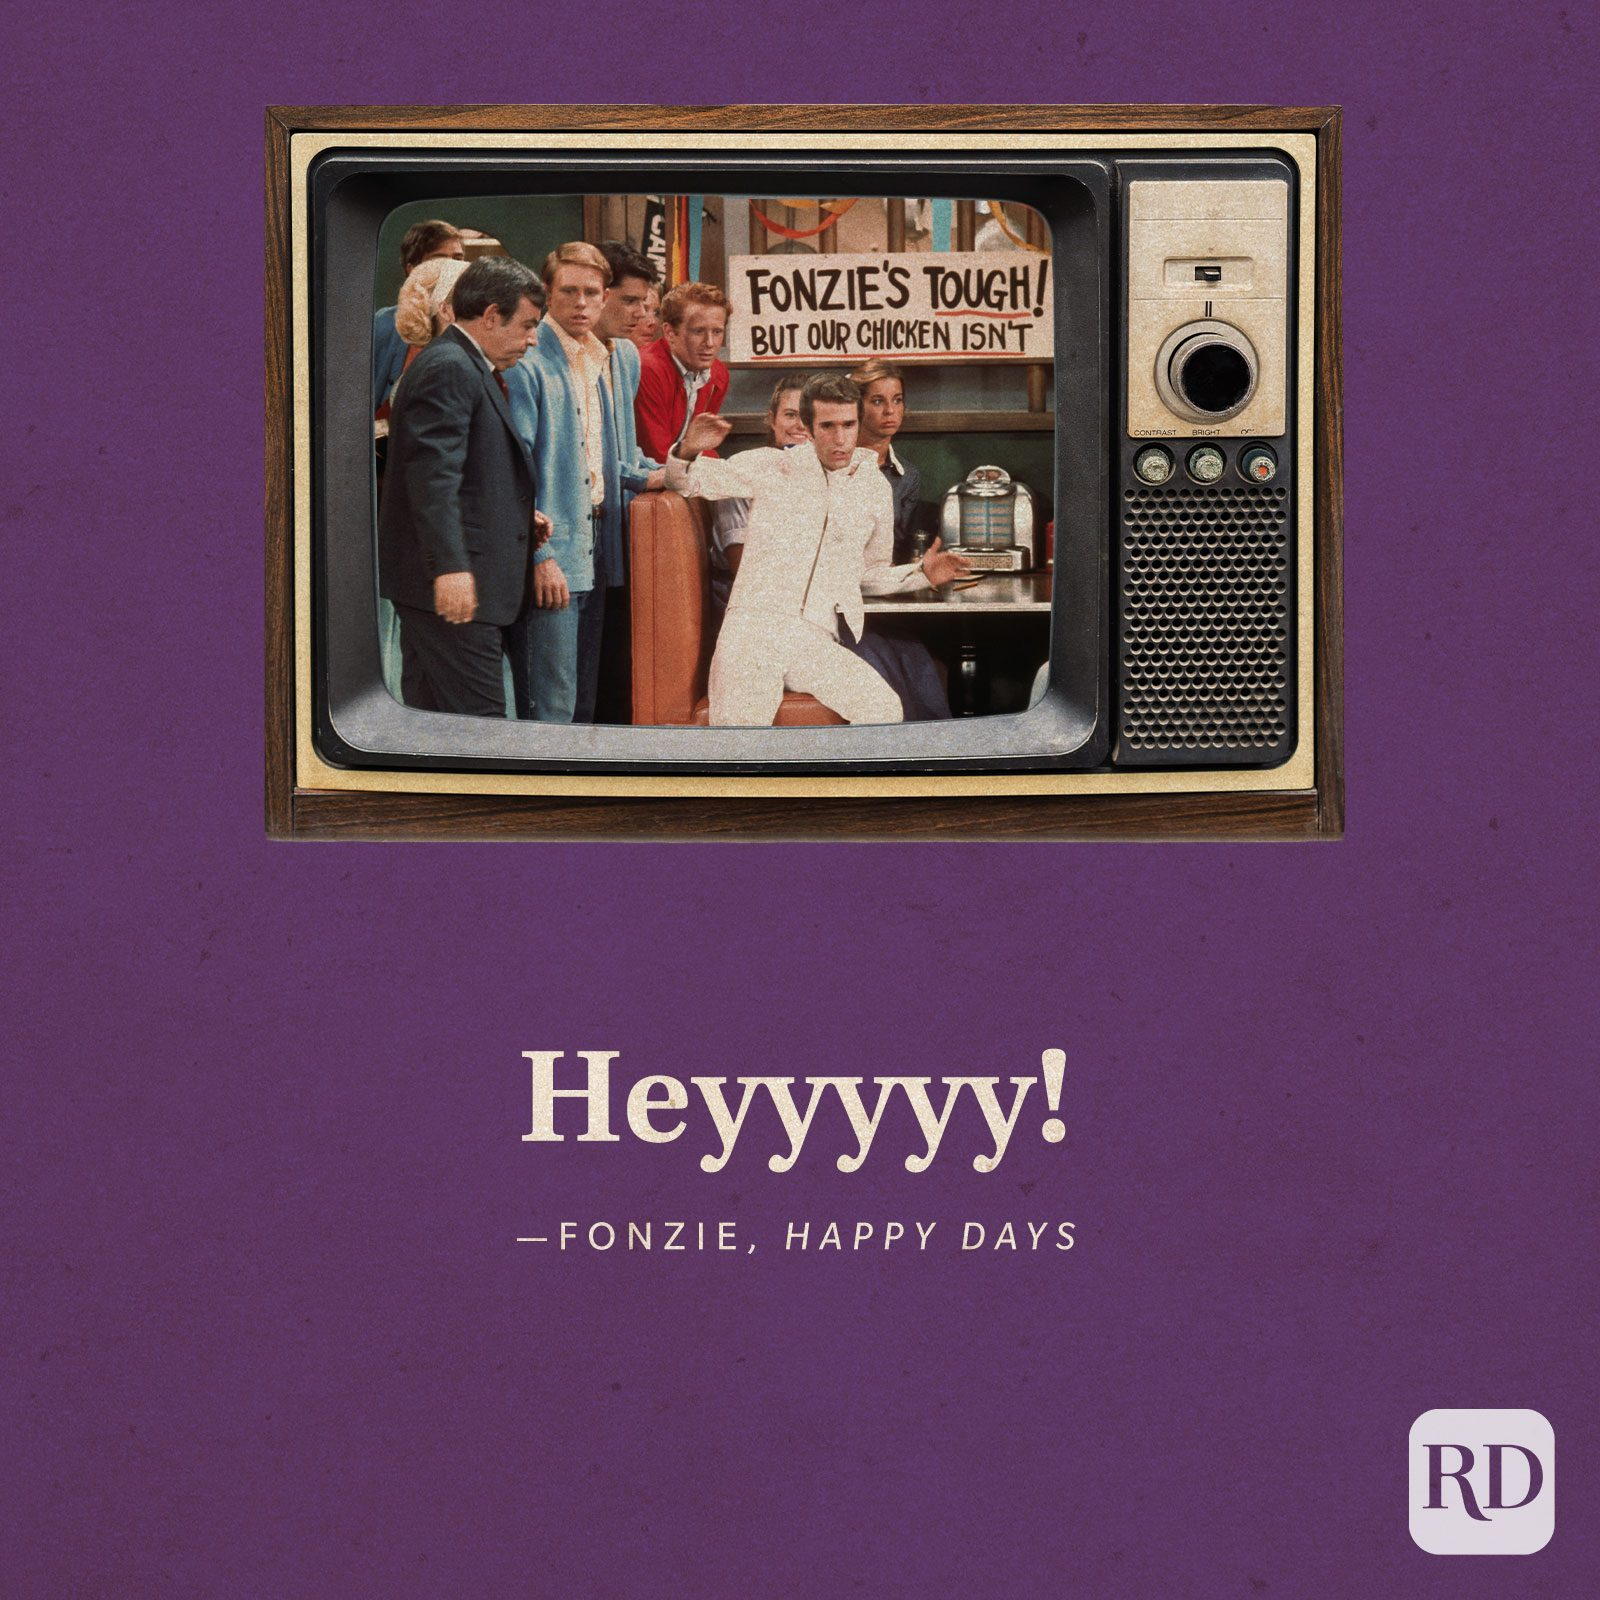 """""""Heyyyyy!"""" —Fonzie in Happy Days."""